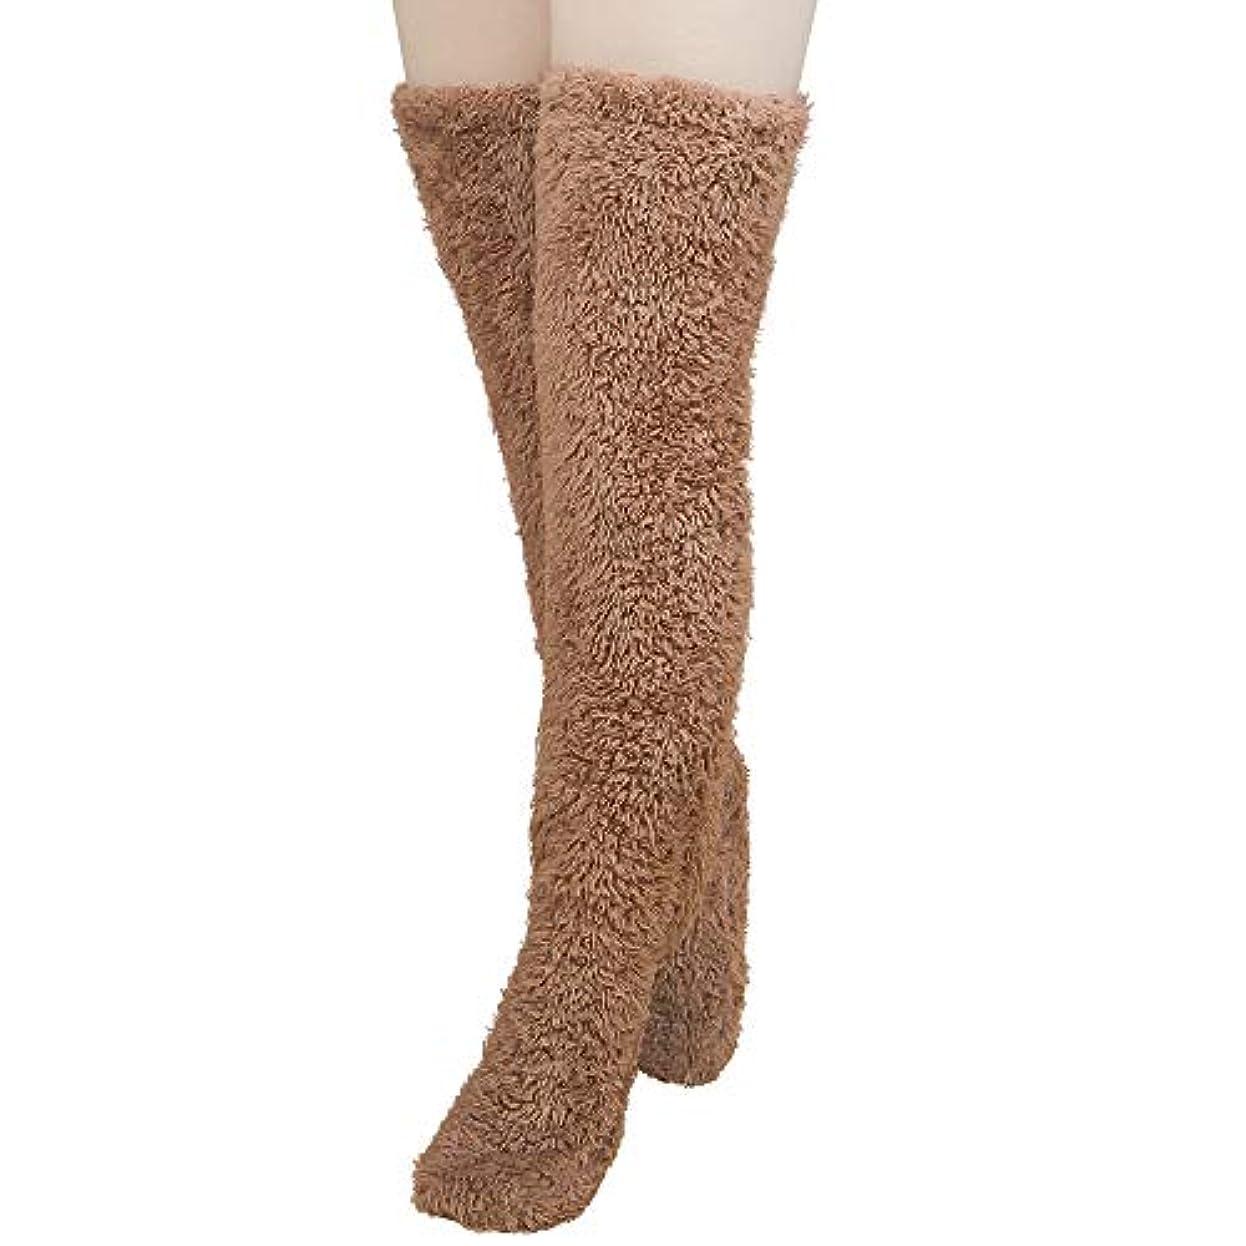 のぞき見間違っているパイロットMiuko 足が出せるロングカバー 極暖 レッグウォーマー ふわふわ靴下 ロングソックス 冷えとり靴下 毛布ソックス 冷え対策 防寒ソックス あったか 超厚手 男女兼用